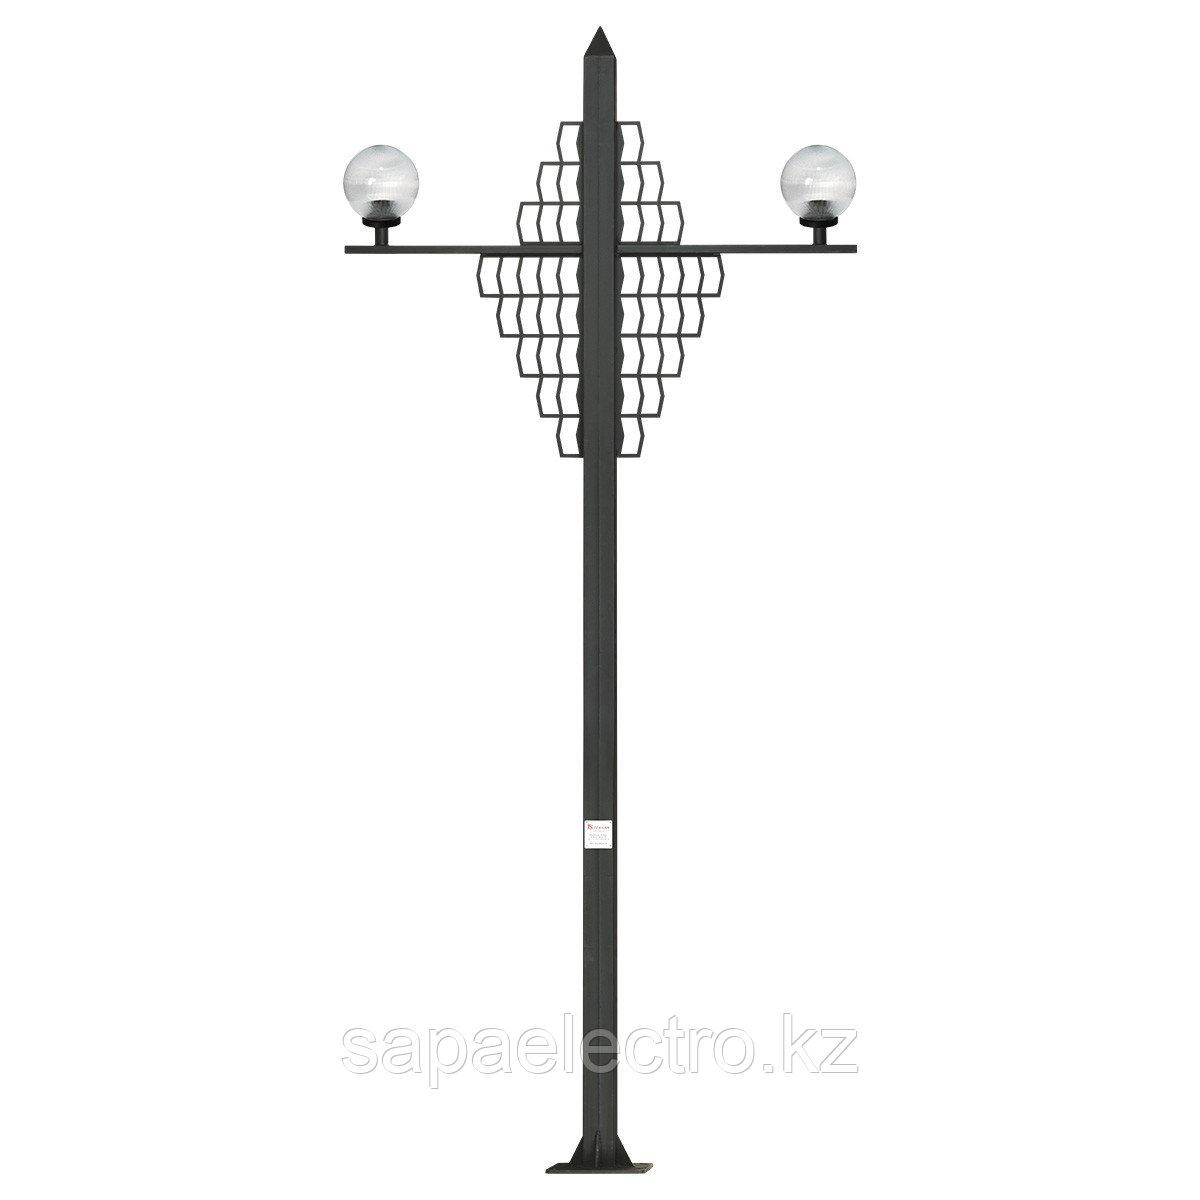 СТОЛБ DEKORATIF WALL H-3,5м 80x80 MGL